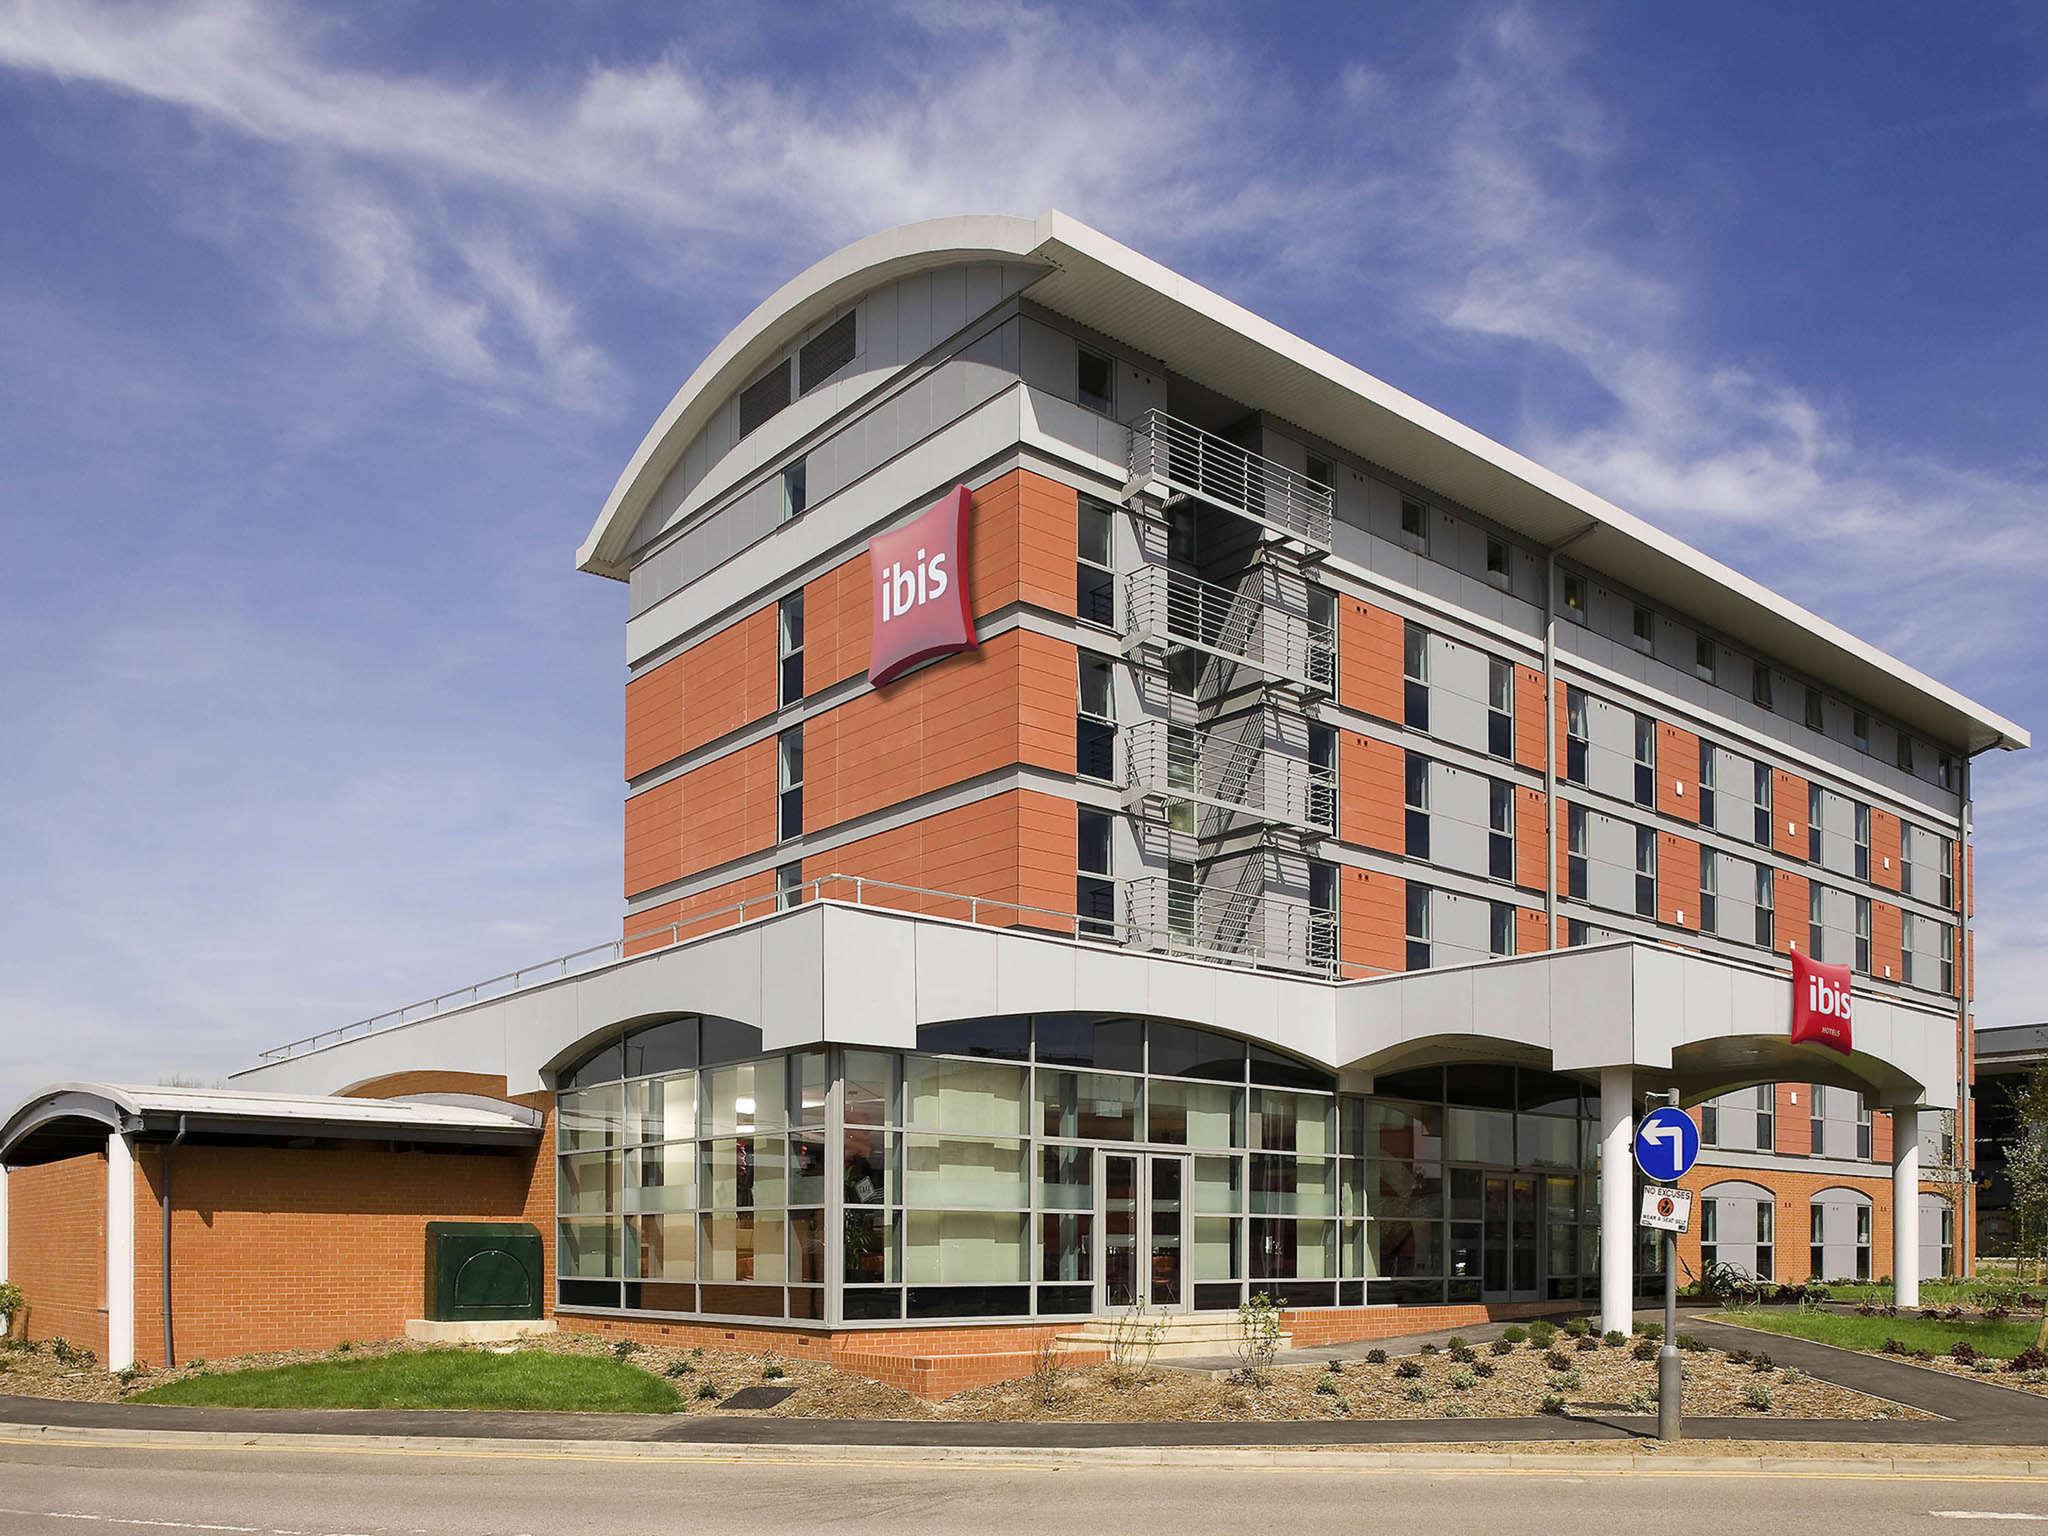 โรงแรม – ไอบิส ลอนดอน เอลสทรี บอแรมวูด